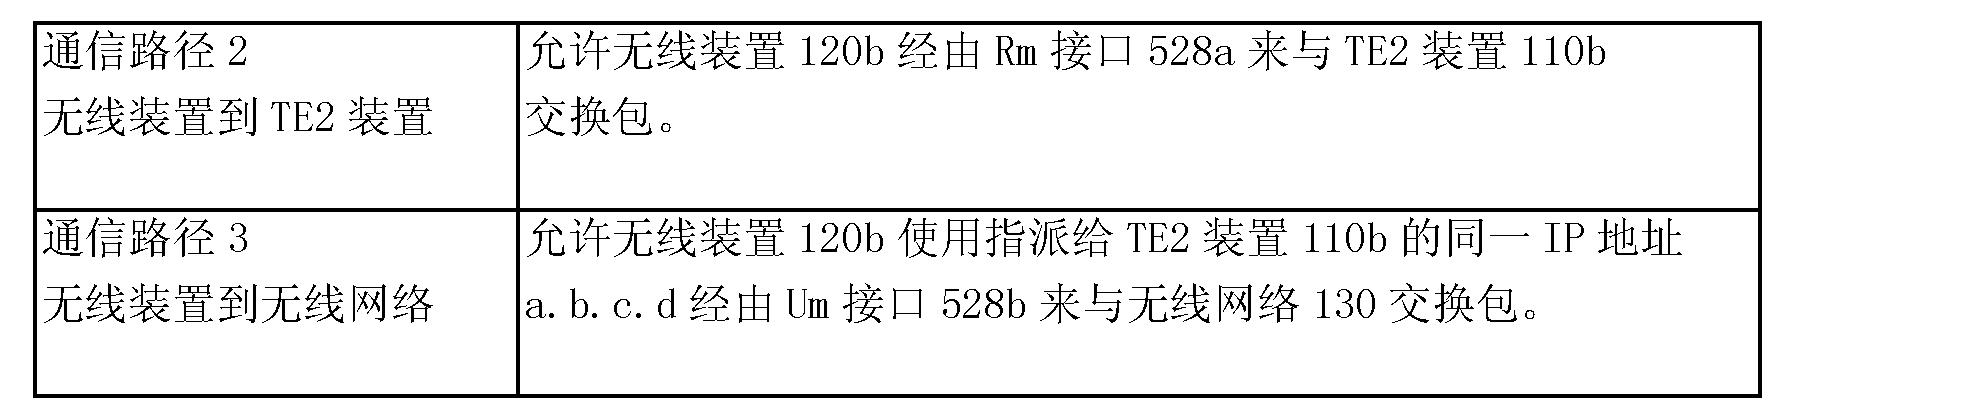 Figure CN101194491BD00111